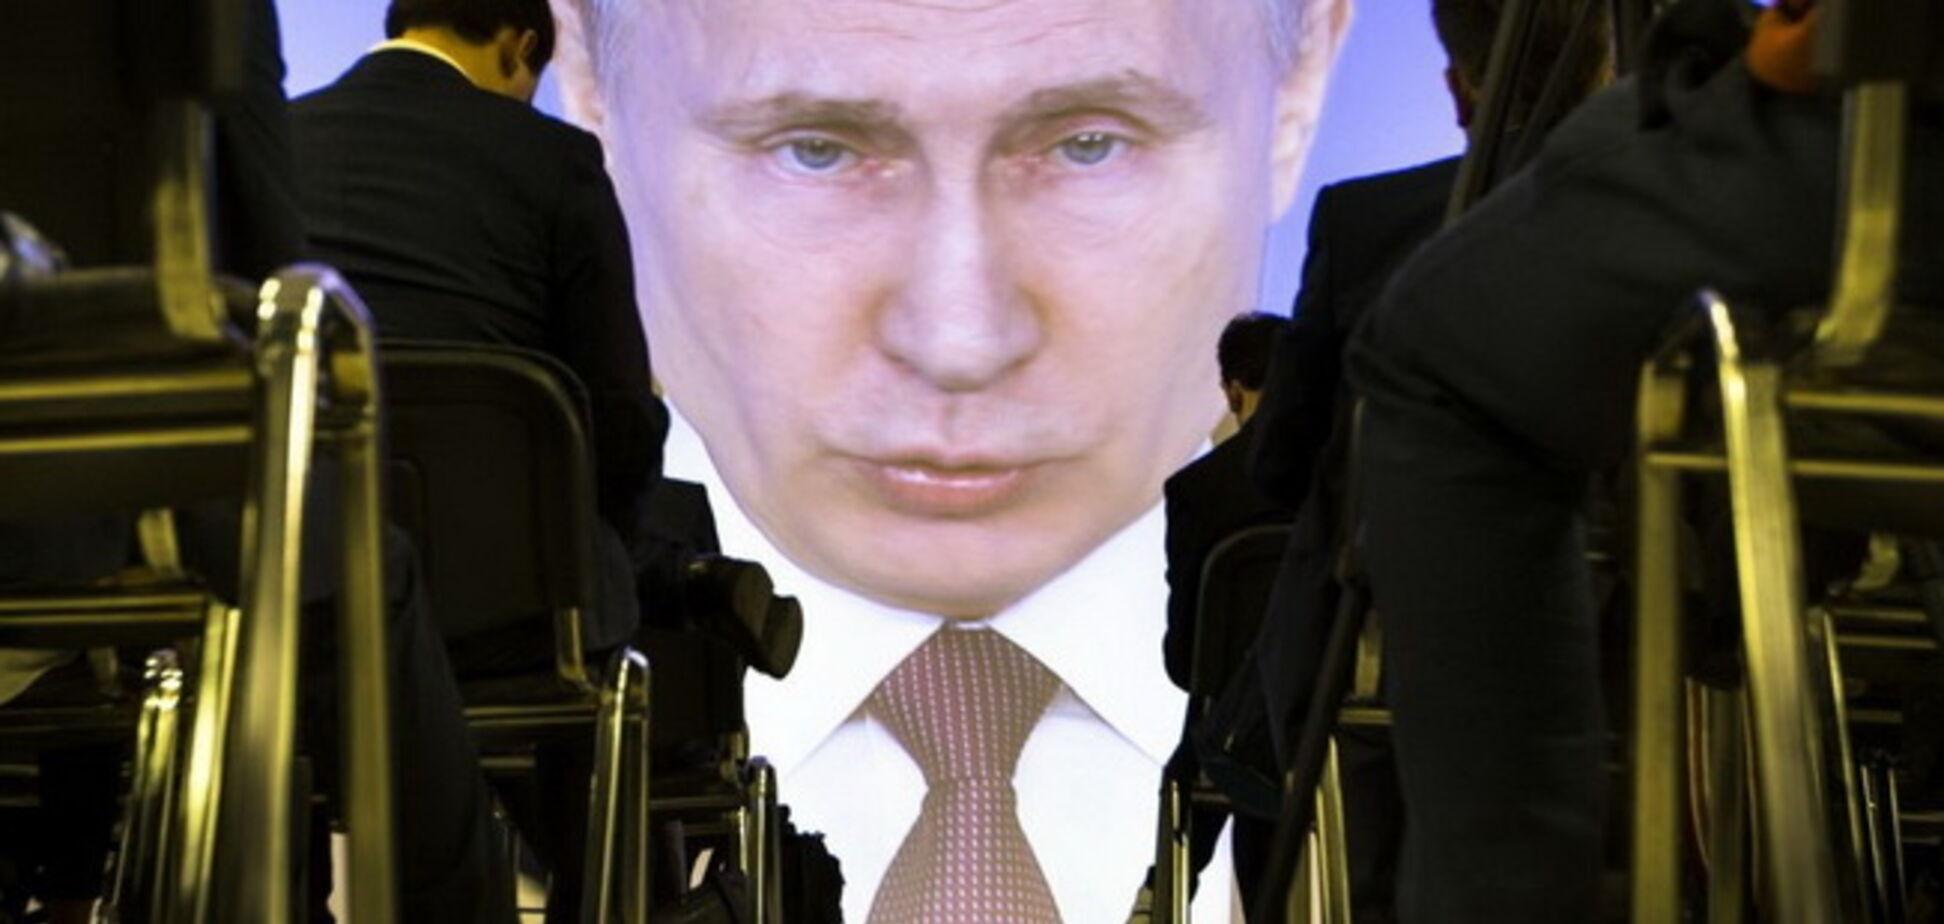 Не признаешь оккупацию - штраф: в Украине будут наказывать за сочувствие ''русскому миру''